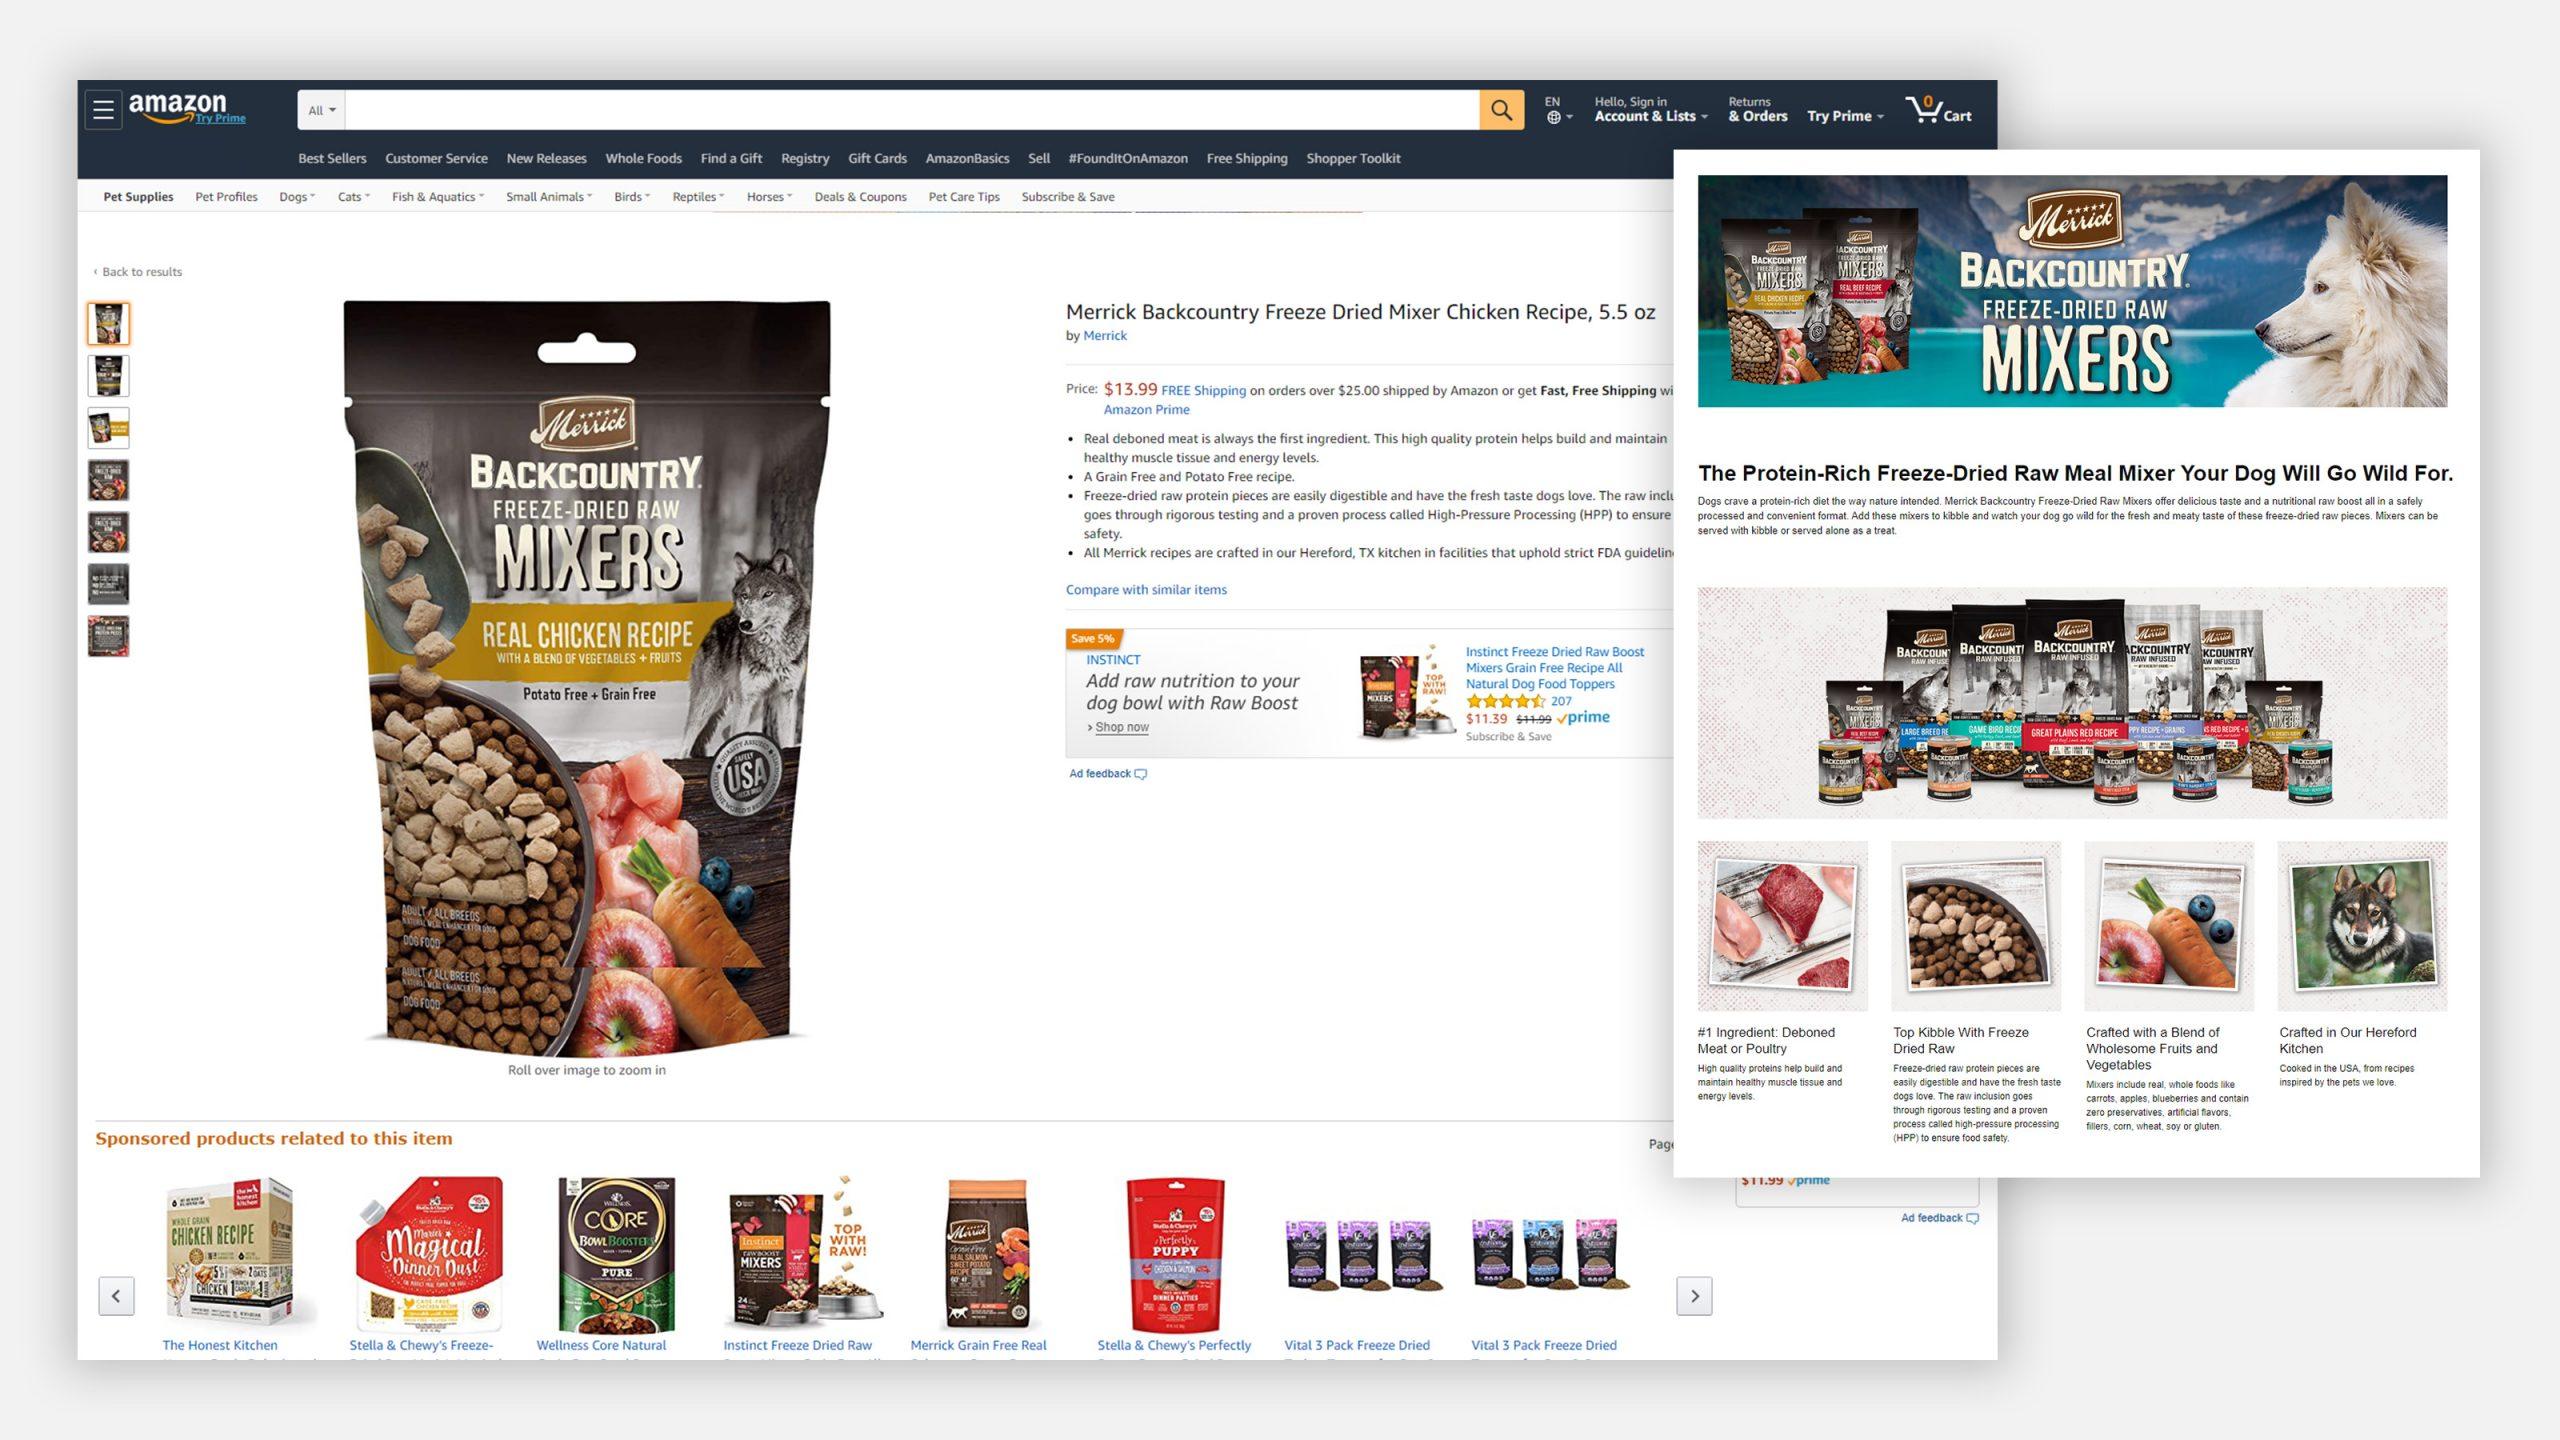 Merrick Amazon Backcountry Page